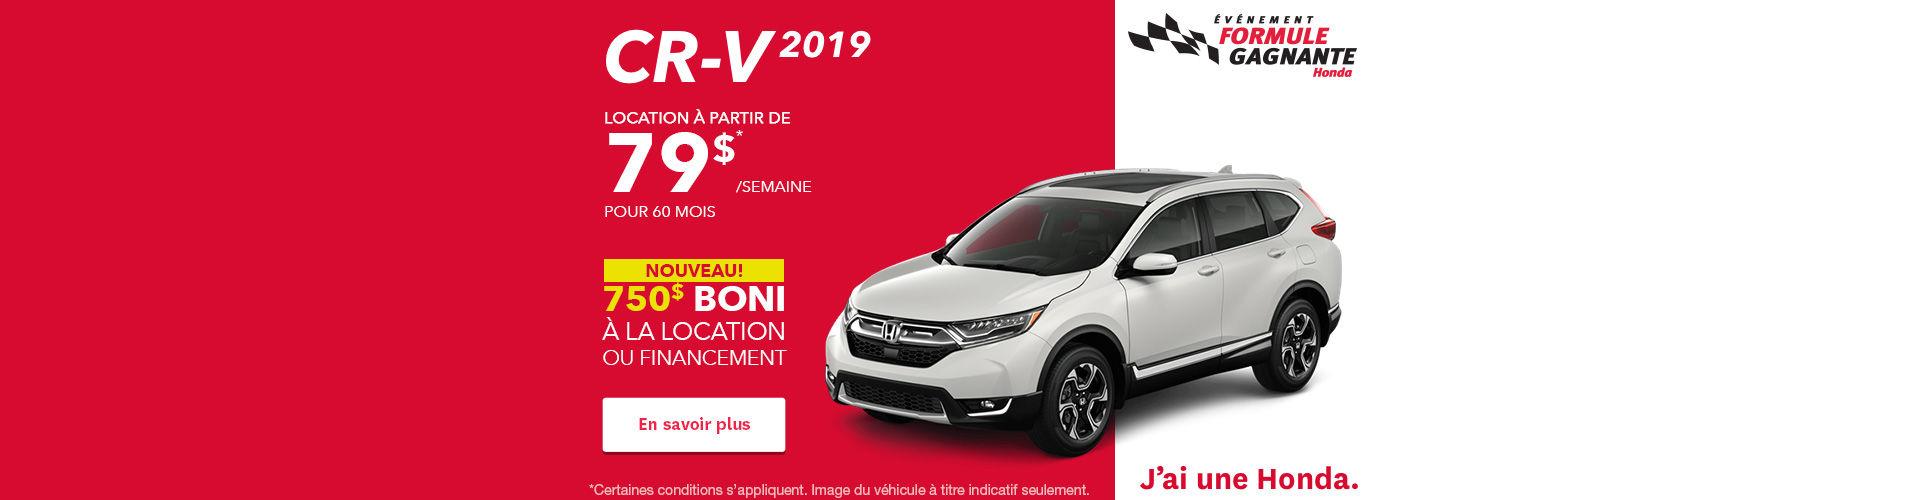 Le CR-V 2019